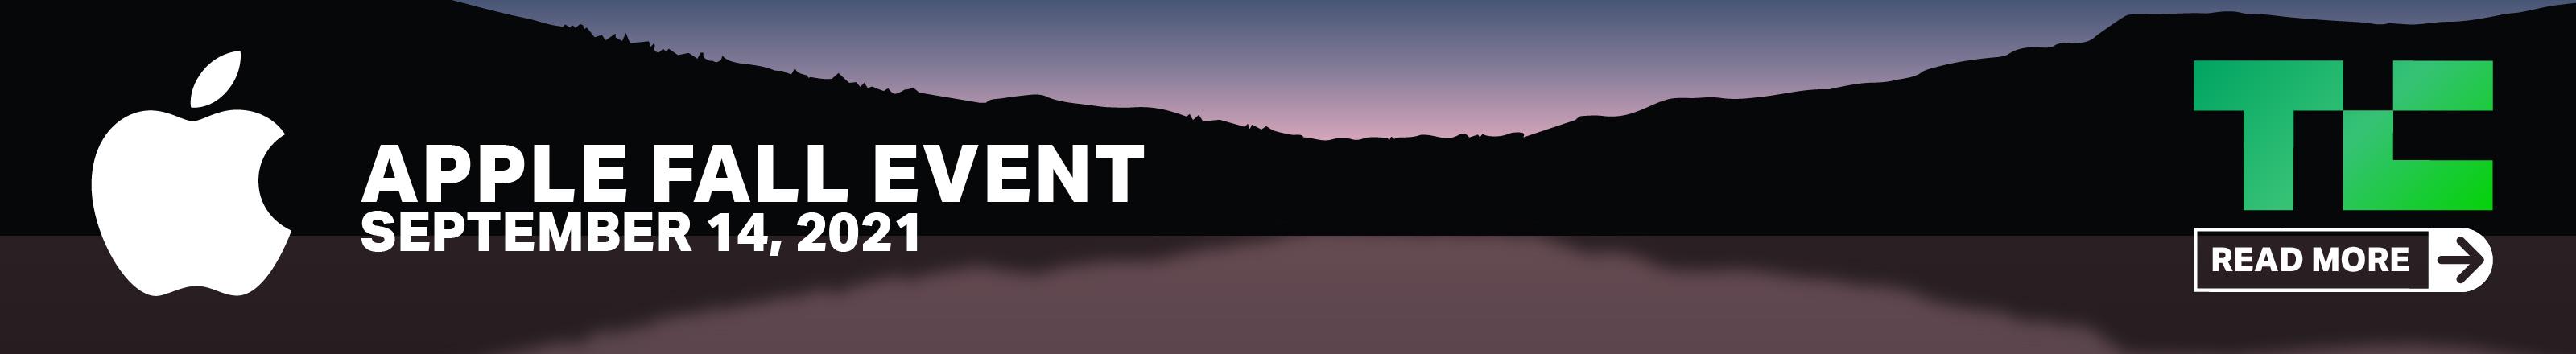 Obtenga más información sobre el evento de otoño de 2021 de Apple en TechCrunch